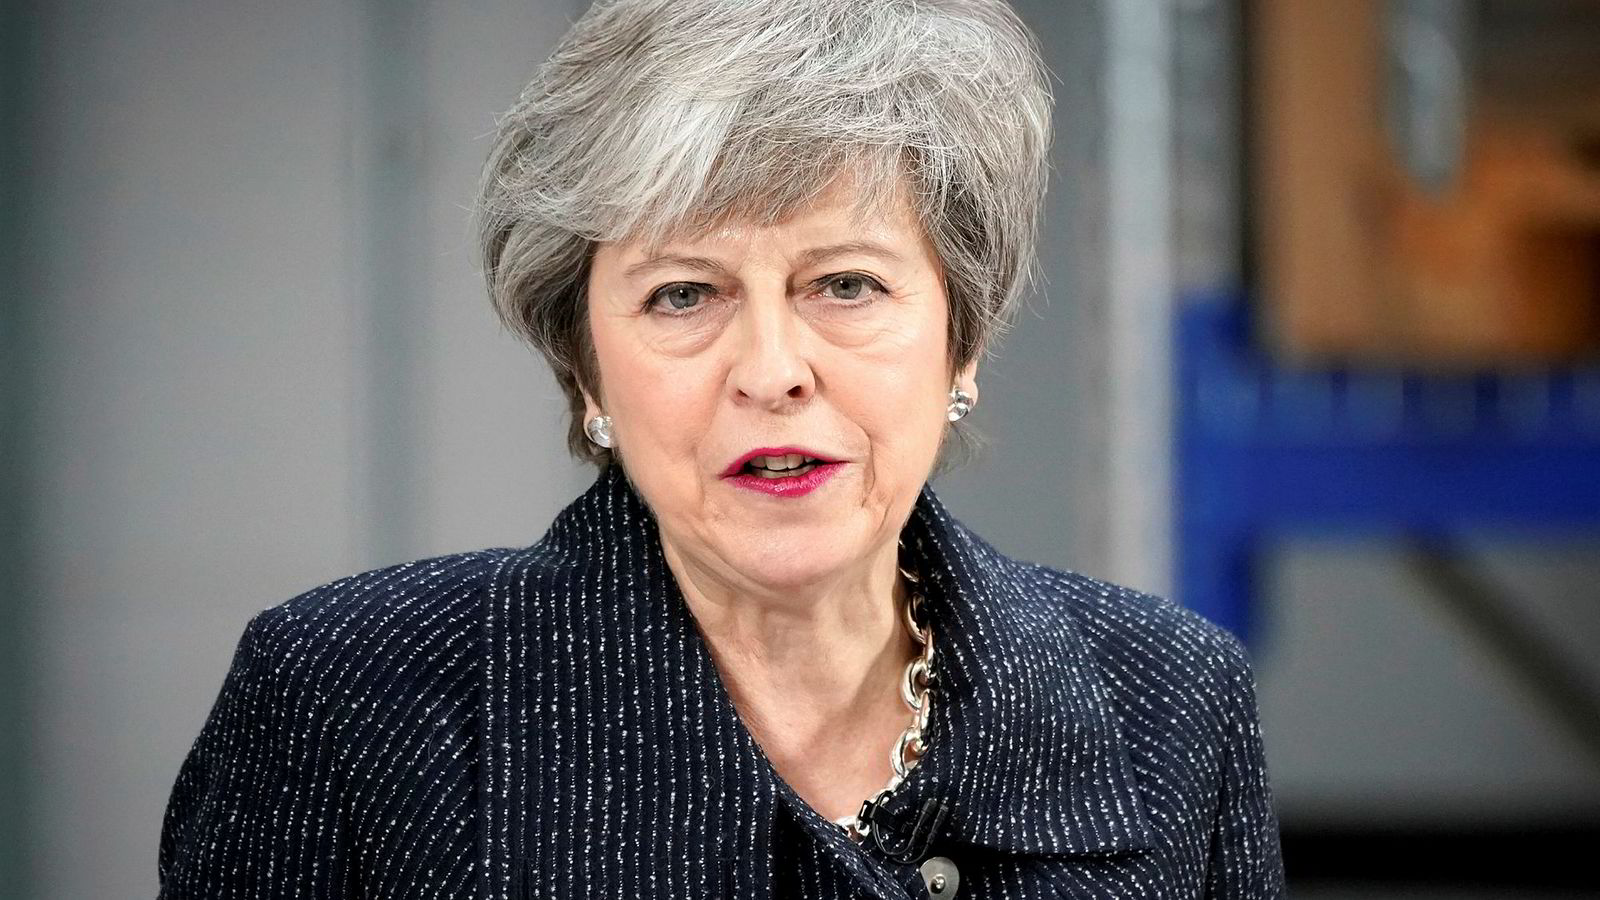 Denne uken står mye på spill for Theresa May og britenes EU-fremtid. Her taler May under et besøk på kvinnedagen i Grimsby forrige uke.